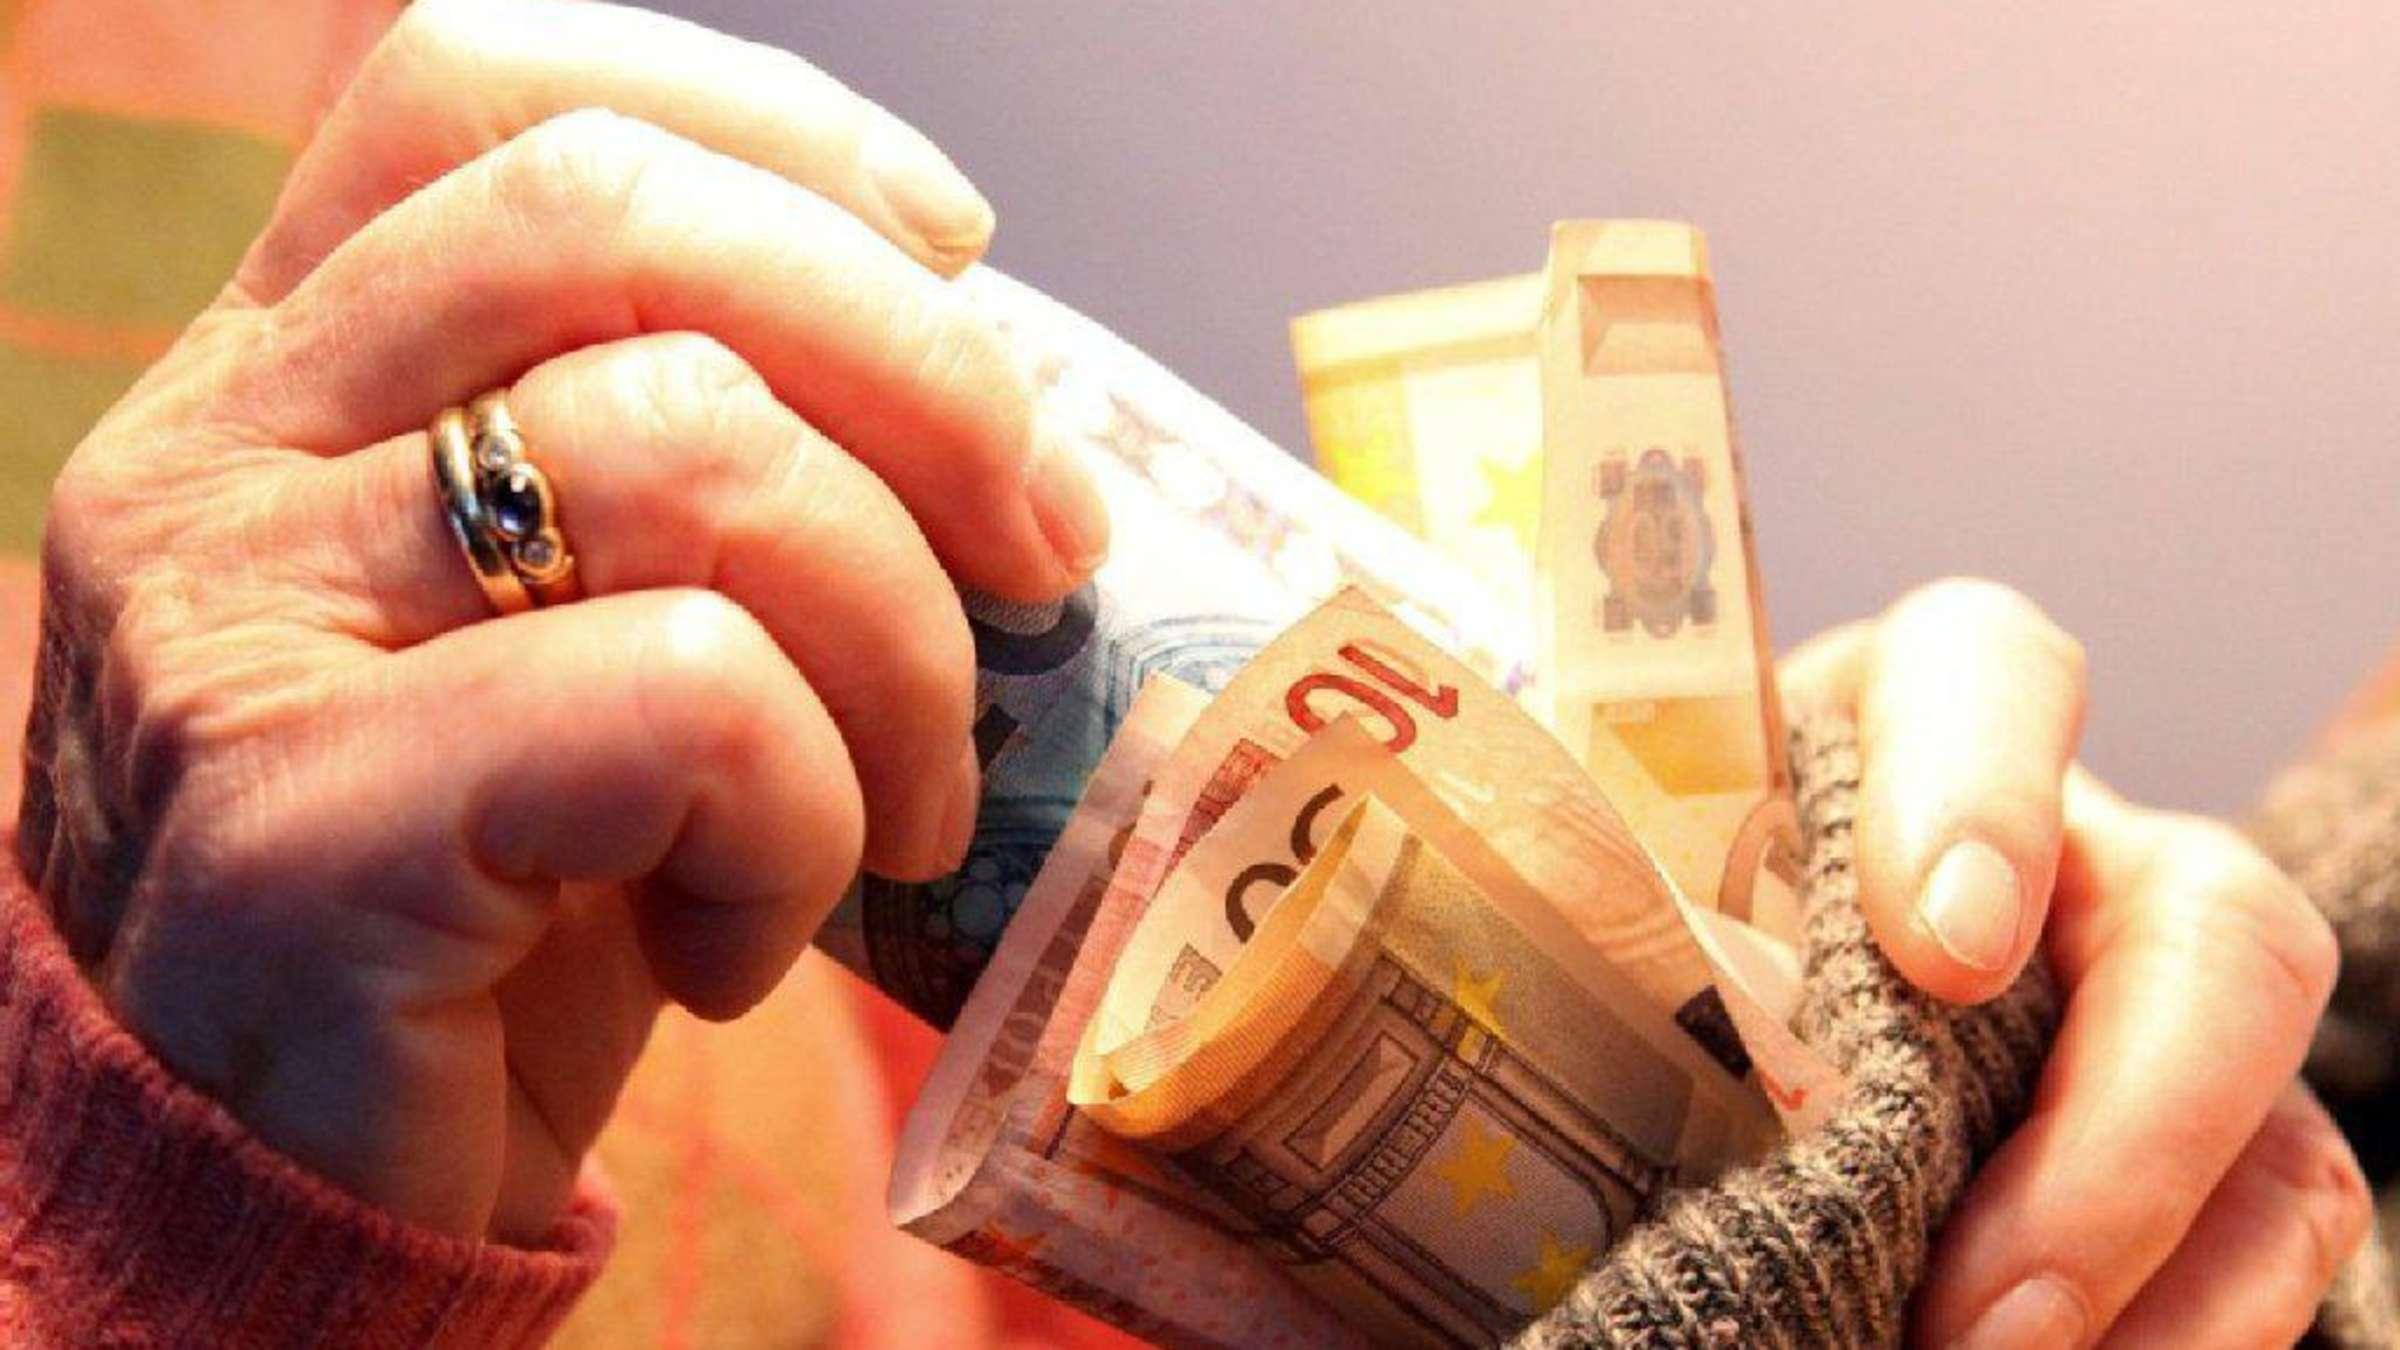 Wo kann man sein geld gut verstecken